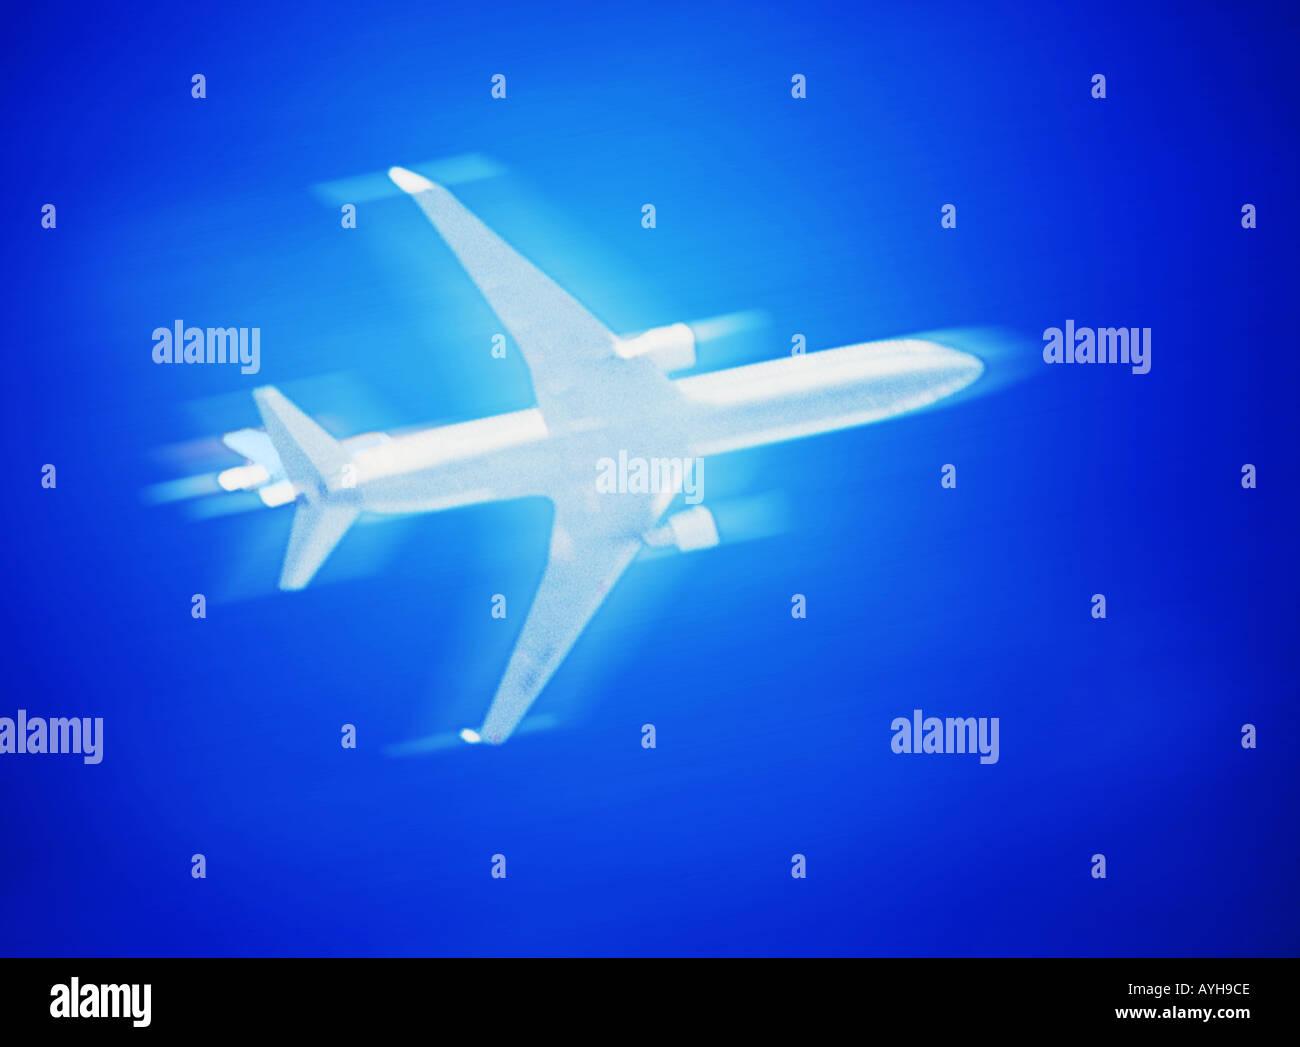 Speed - Stock Image